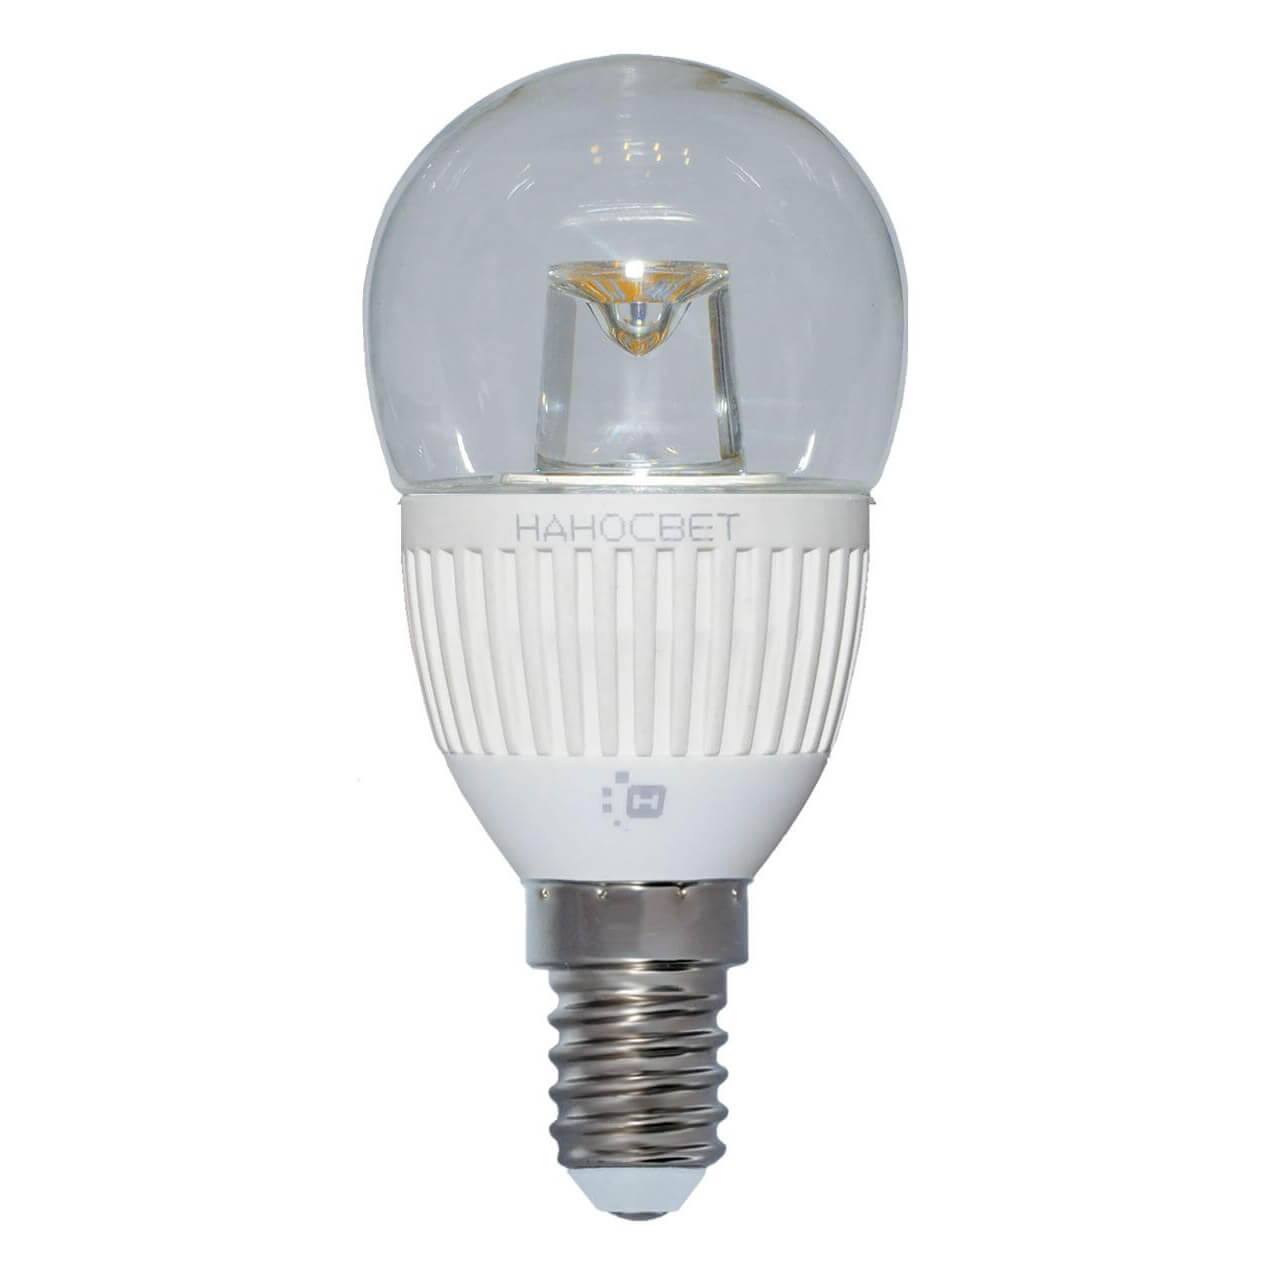 купить Лампа светодиодная Наносвет E14 5W 2700K прозрачная LC-P45CL-5/E14/827 L142 по цене 159 рублей